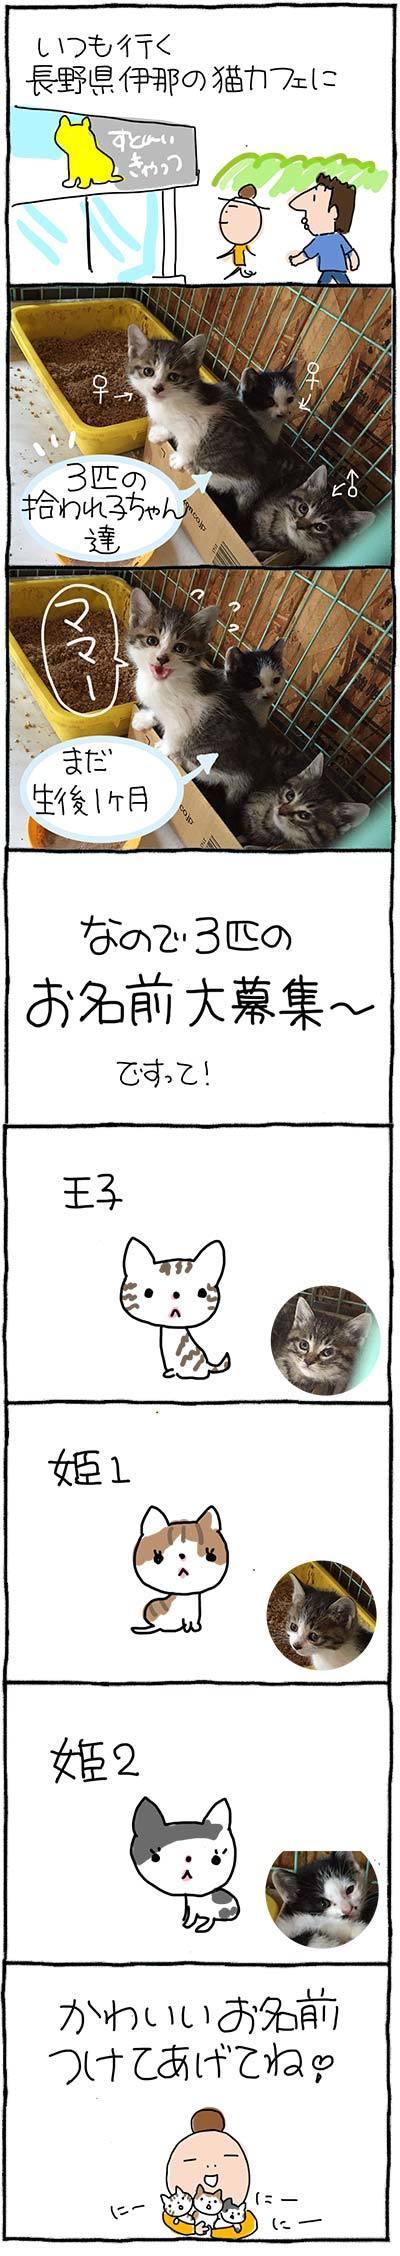 170605猫